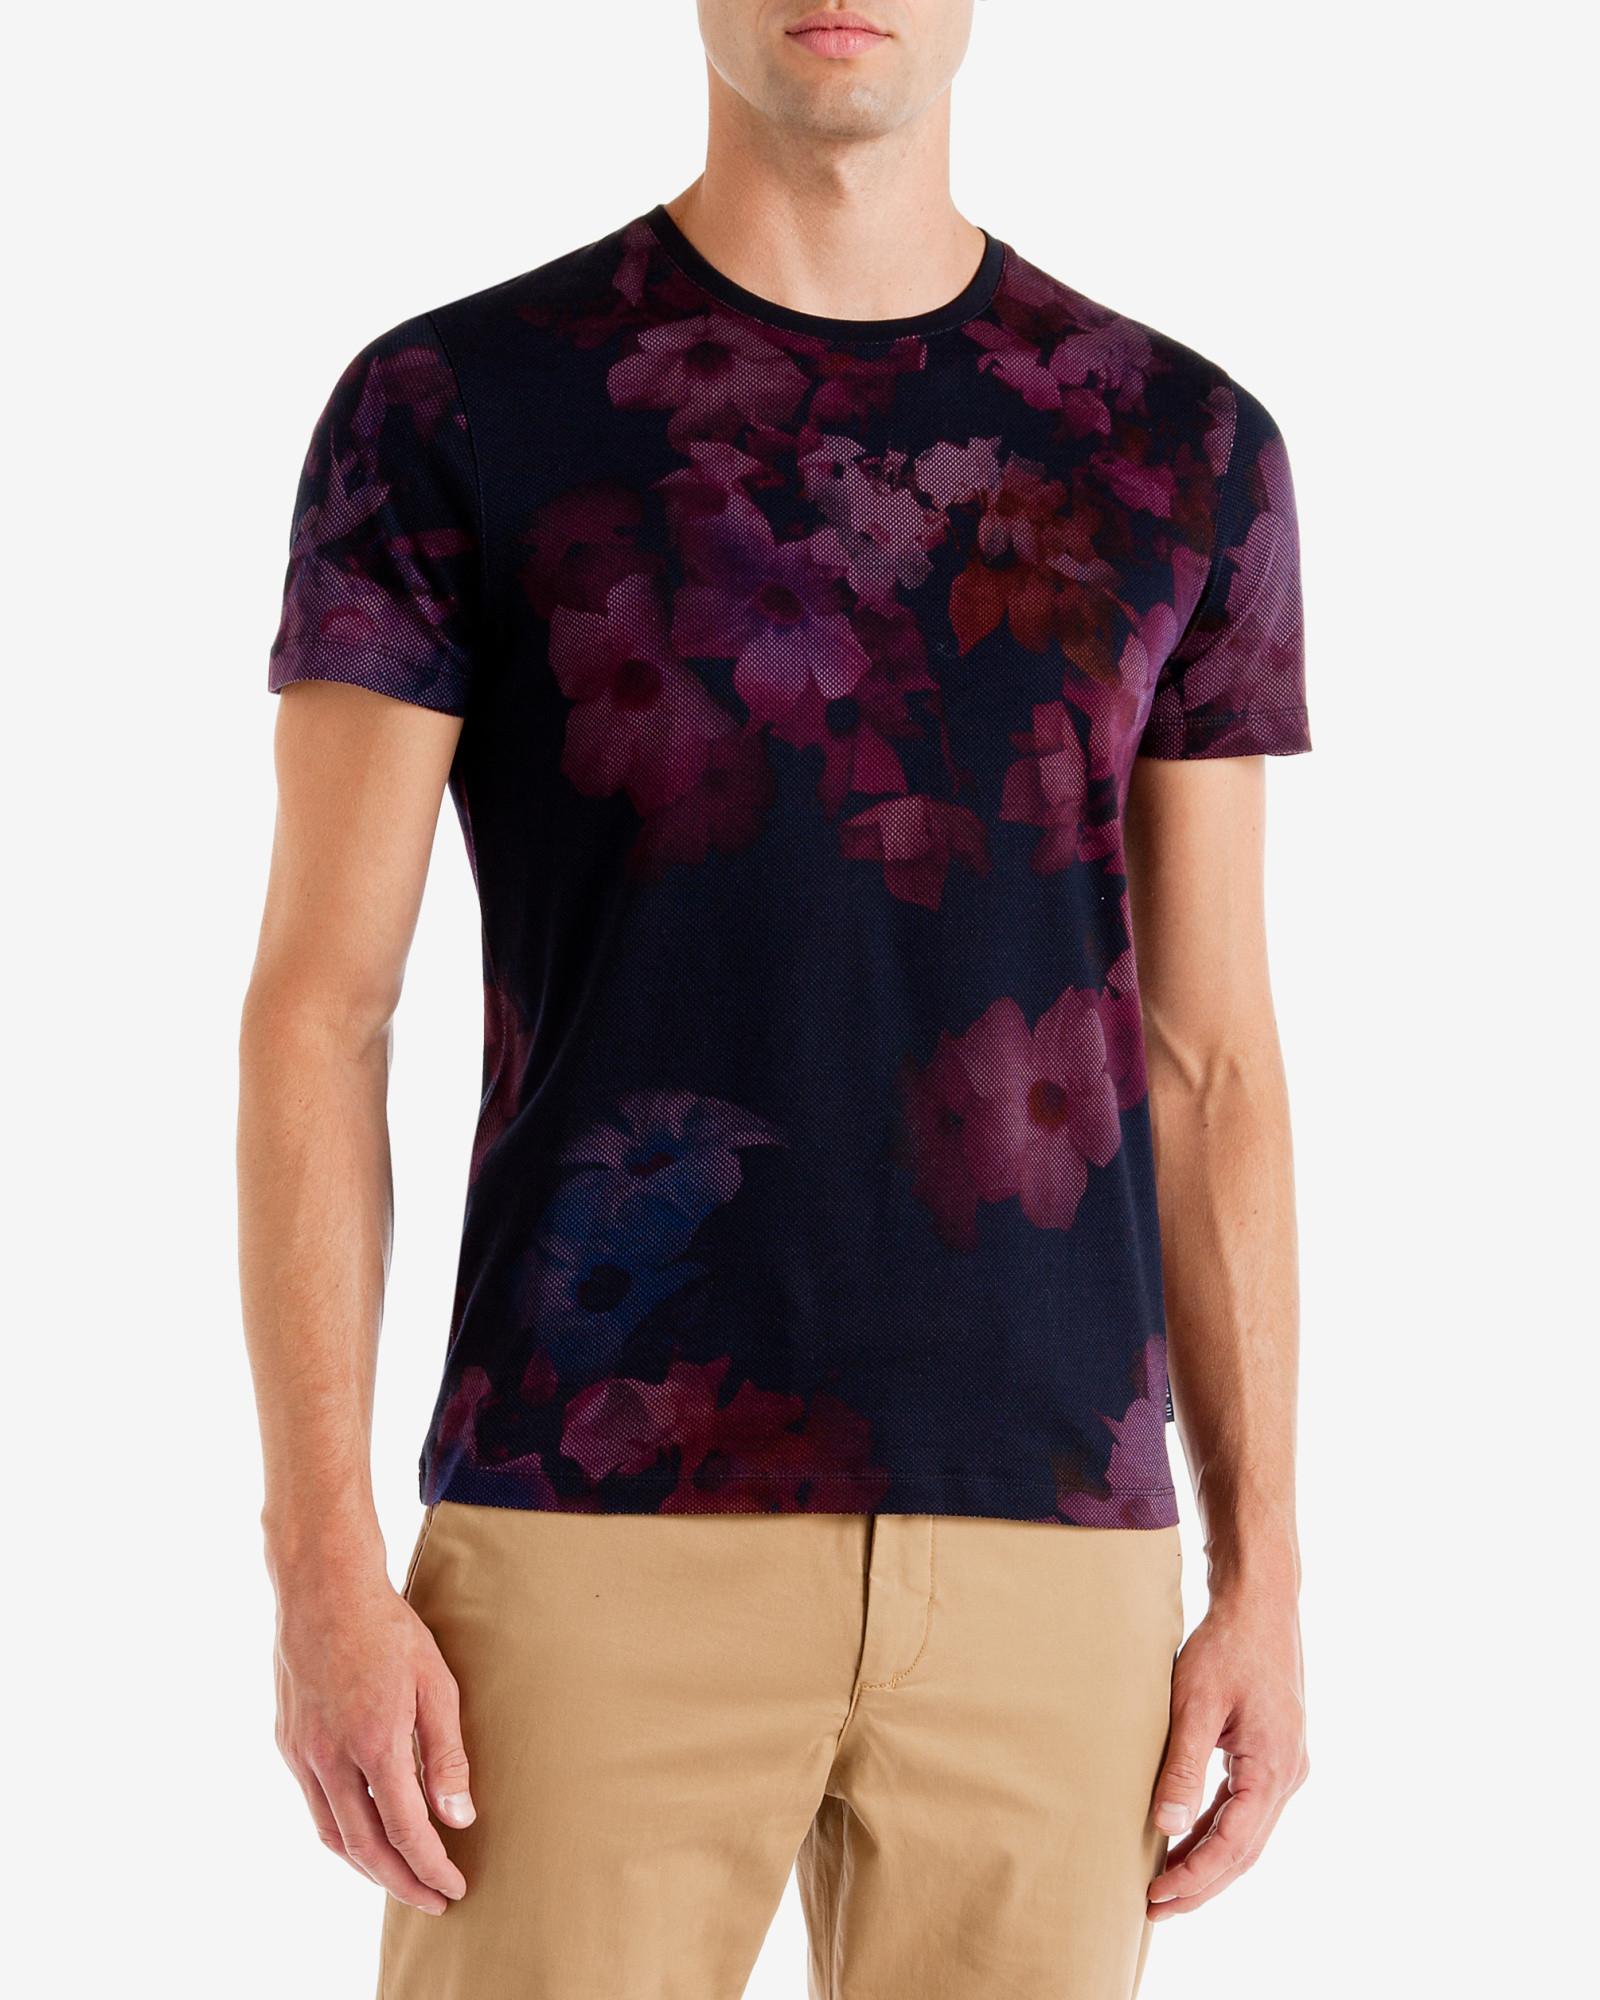 81f966516ef488 Lyst - Ted Baker Vylot Digital Floral Print T-shirt for Men